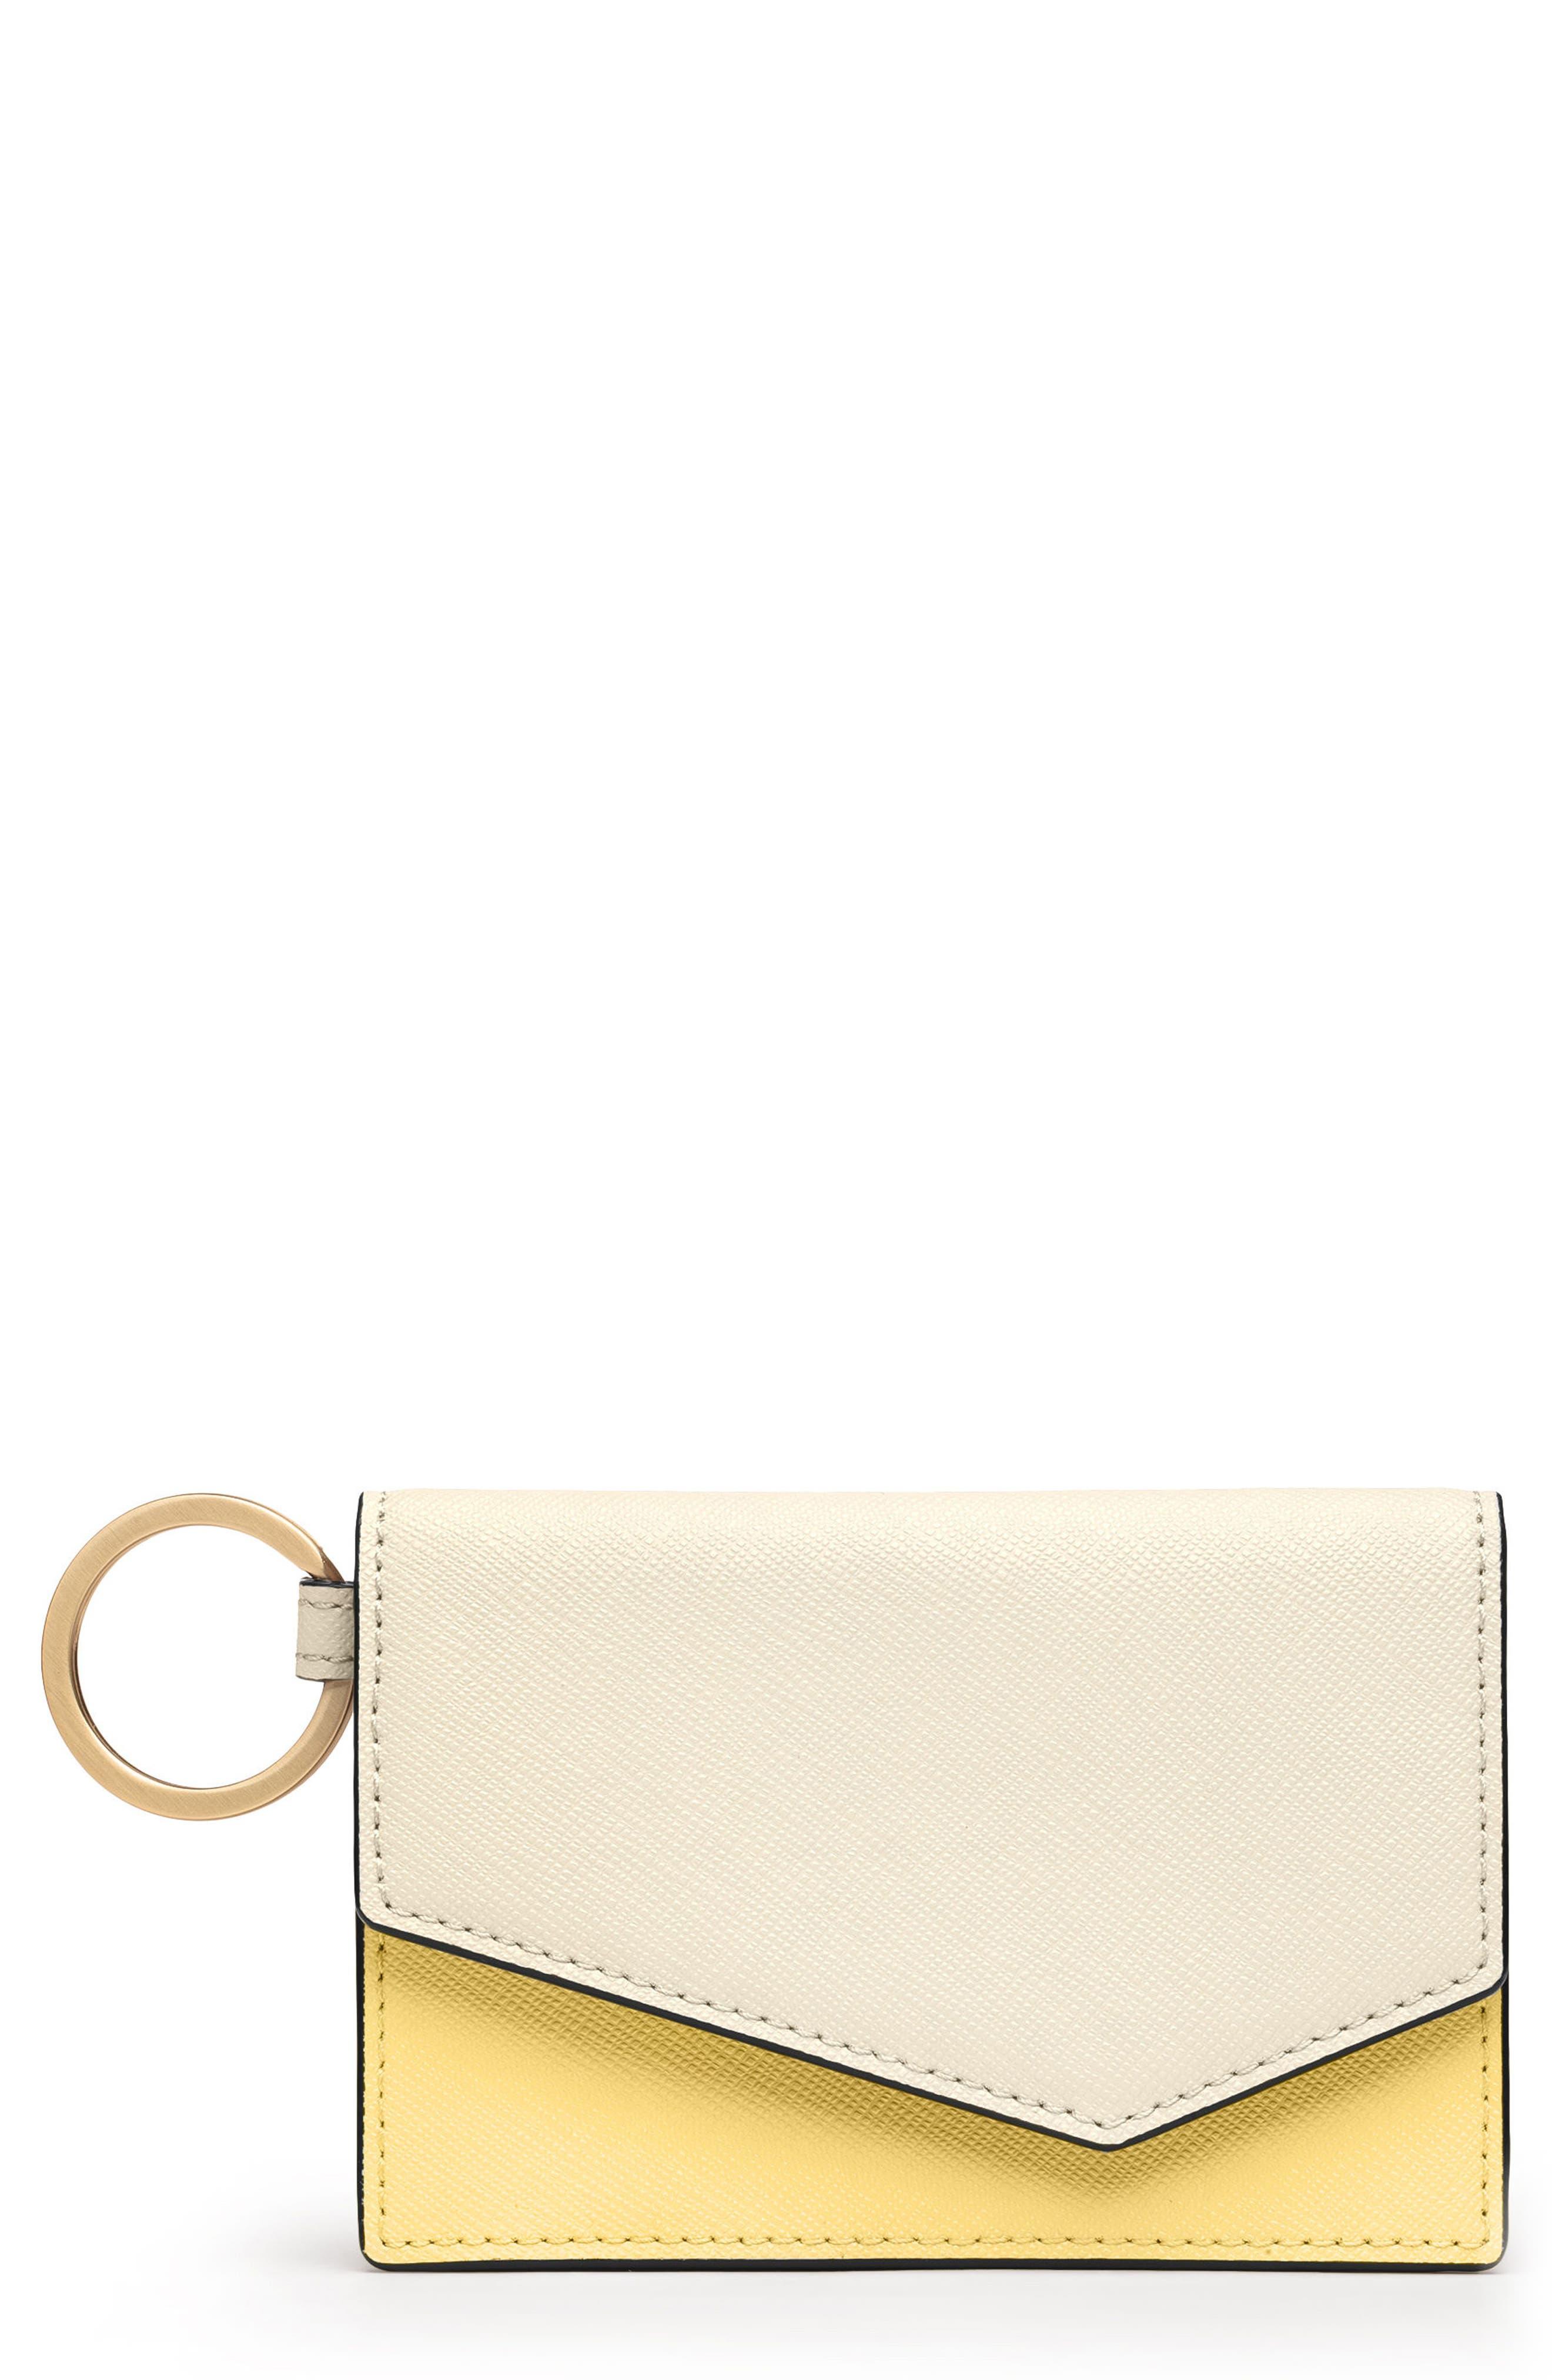 Cobble Hill Saffiano Leather Card Case,                         Main,                         color, CREAM COLORBLOCK